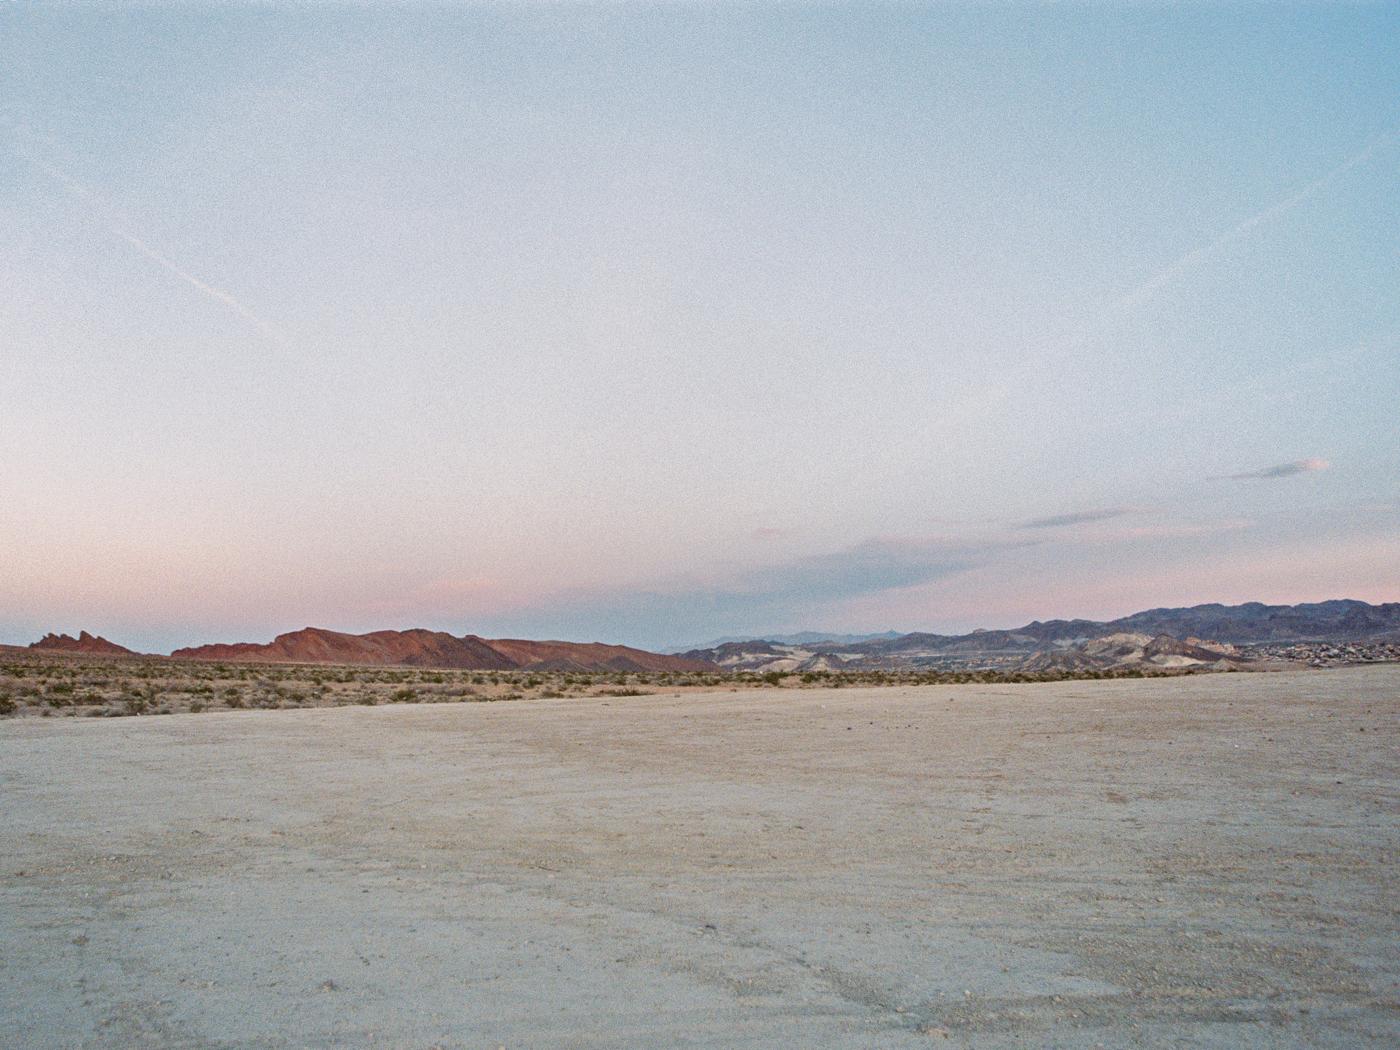 Las Vegas Desert Elopement, Cottage Hill